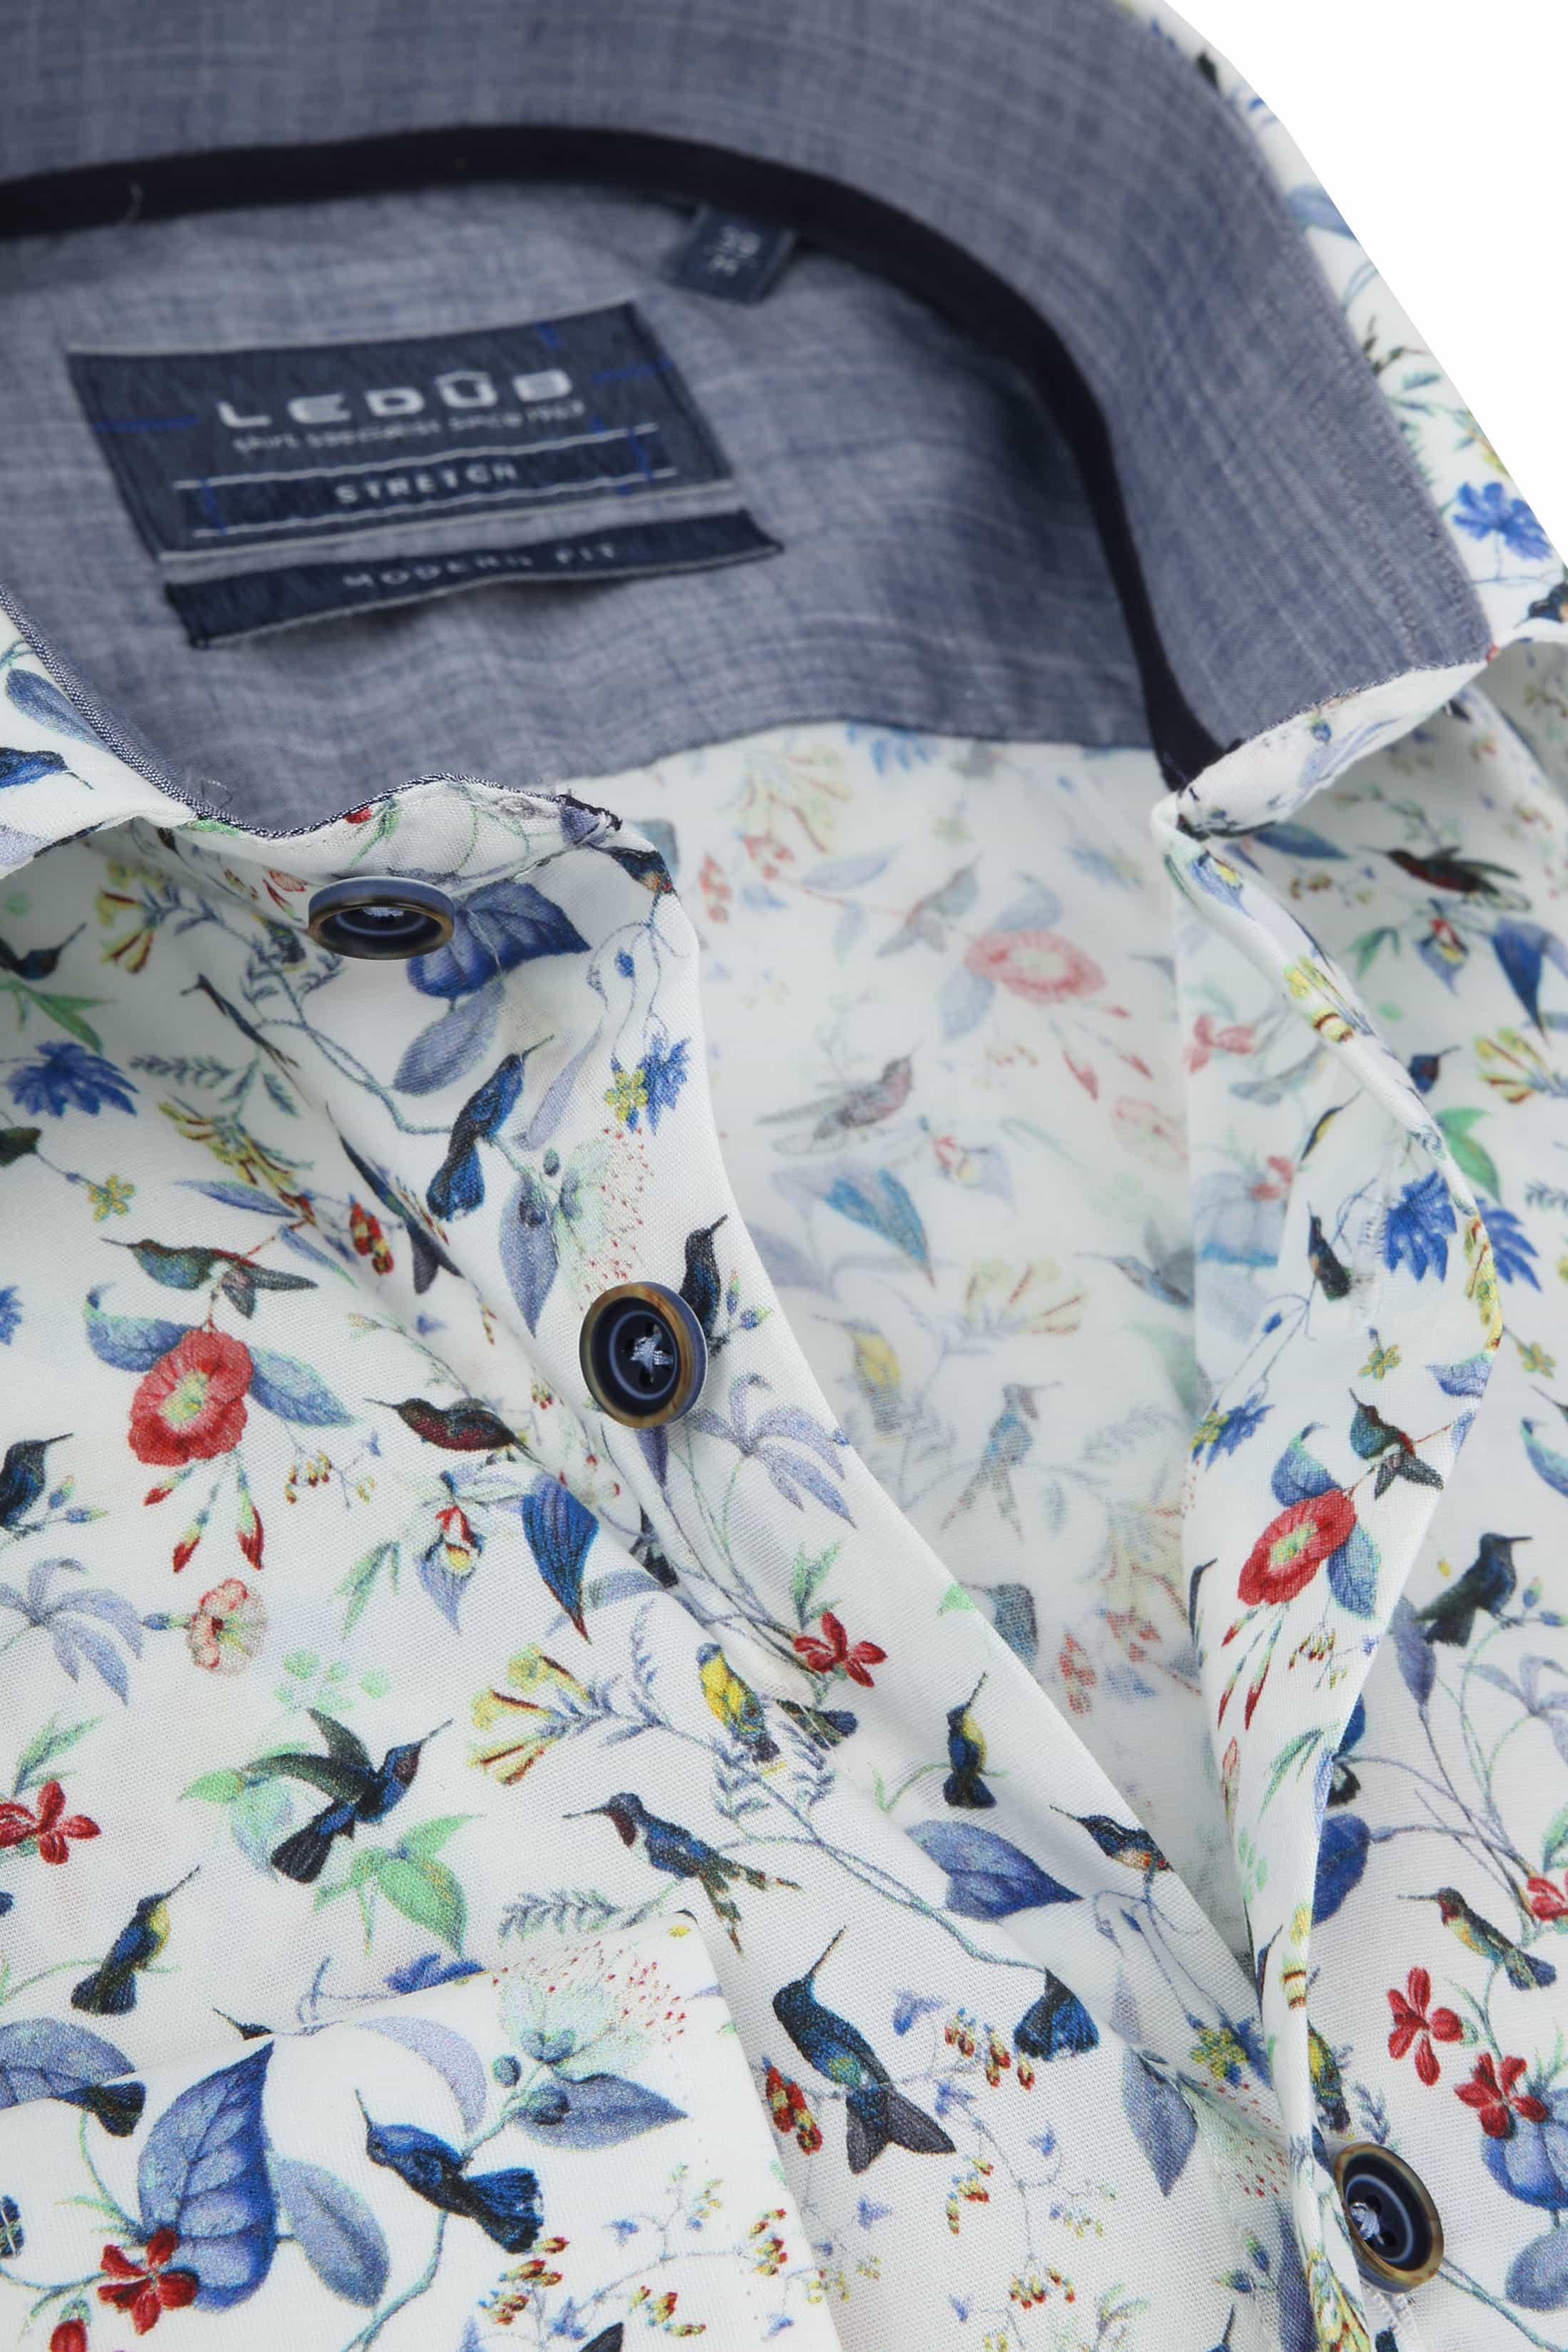 Ledub Overhemd MF Bloem foto 1